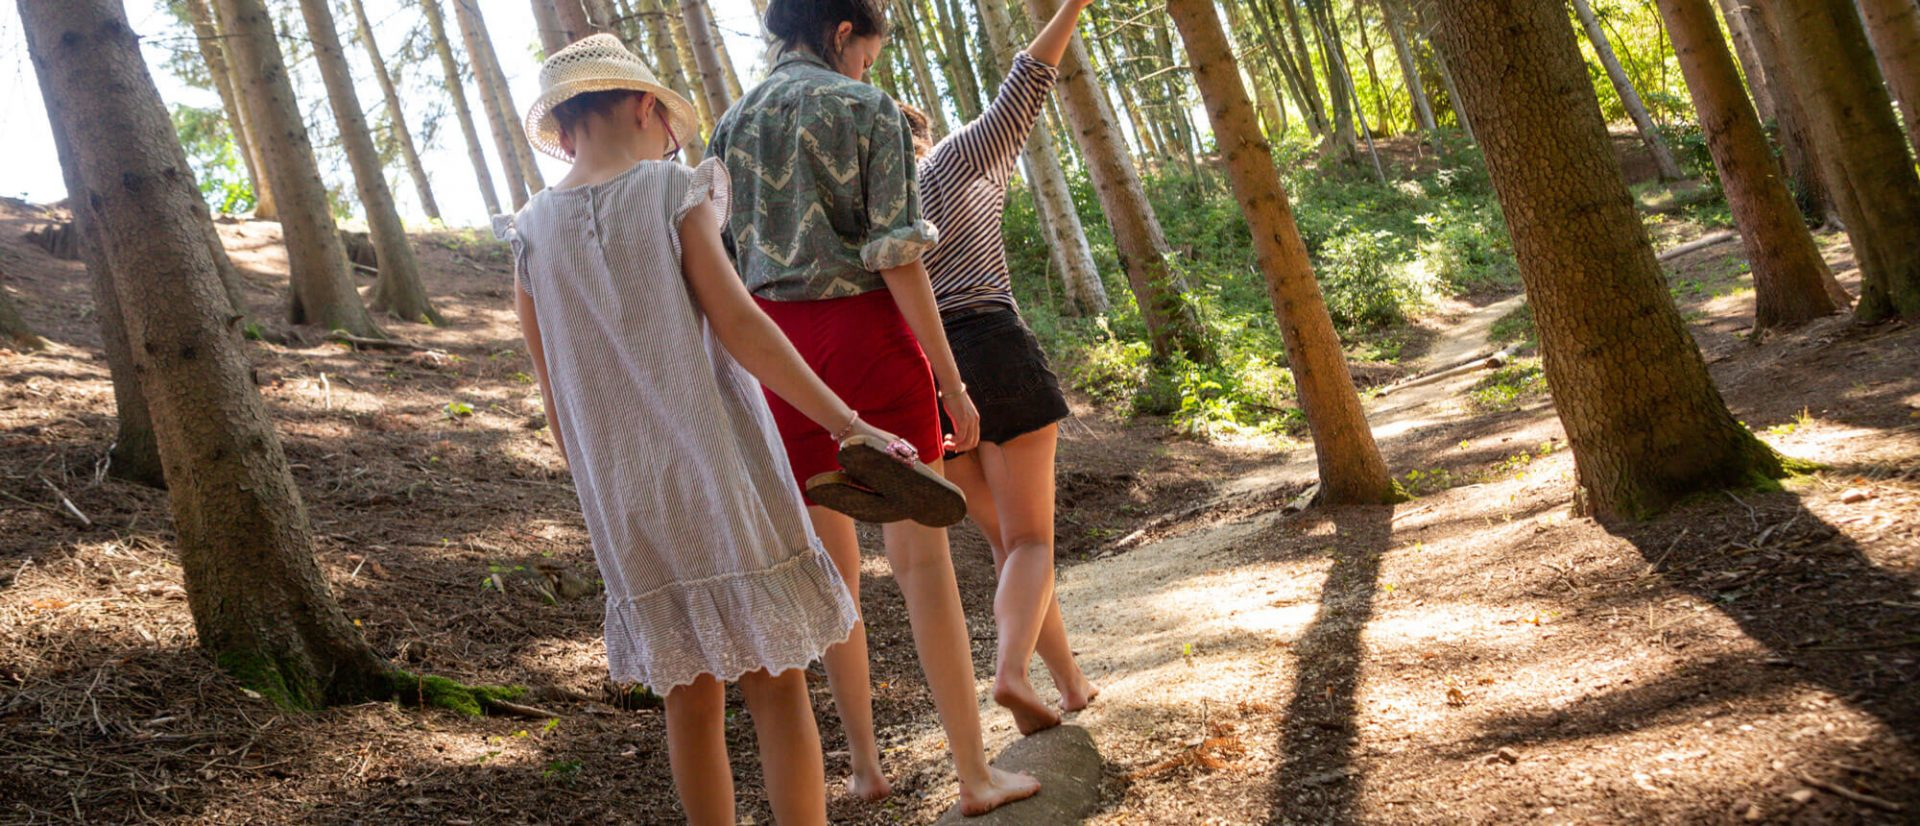 Camping Clos De La Chaume : Parcours Pieds Nus Camping dans les Vosges